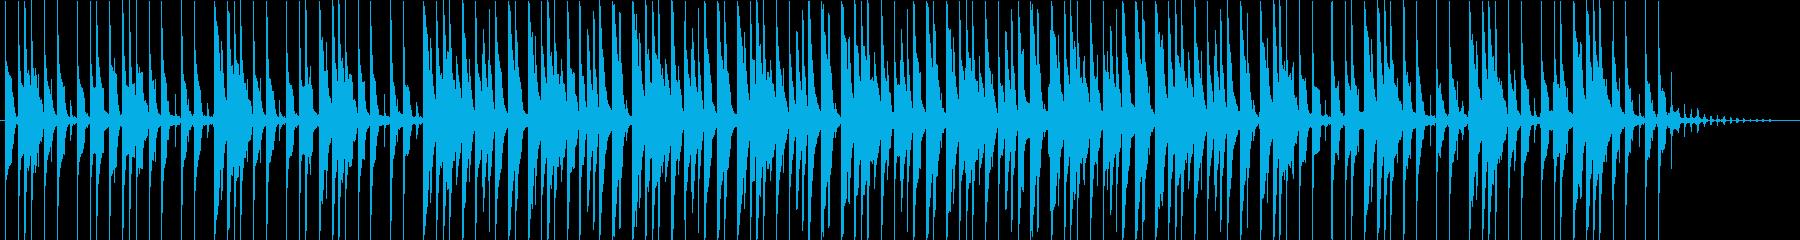 サバンナを思わせるシンセトラックの再生済みの波形